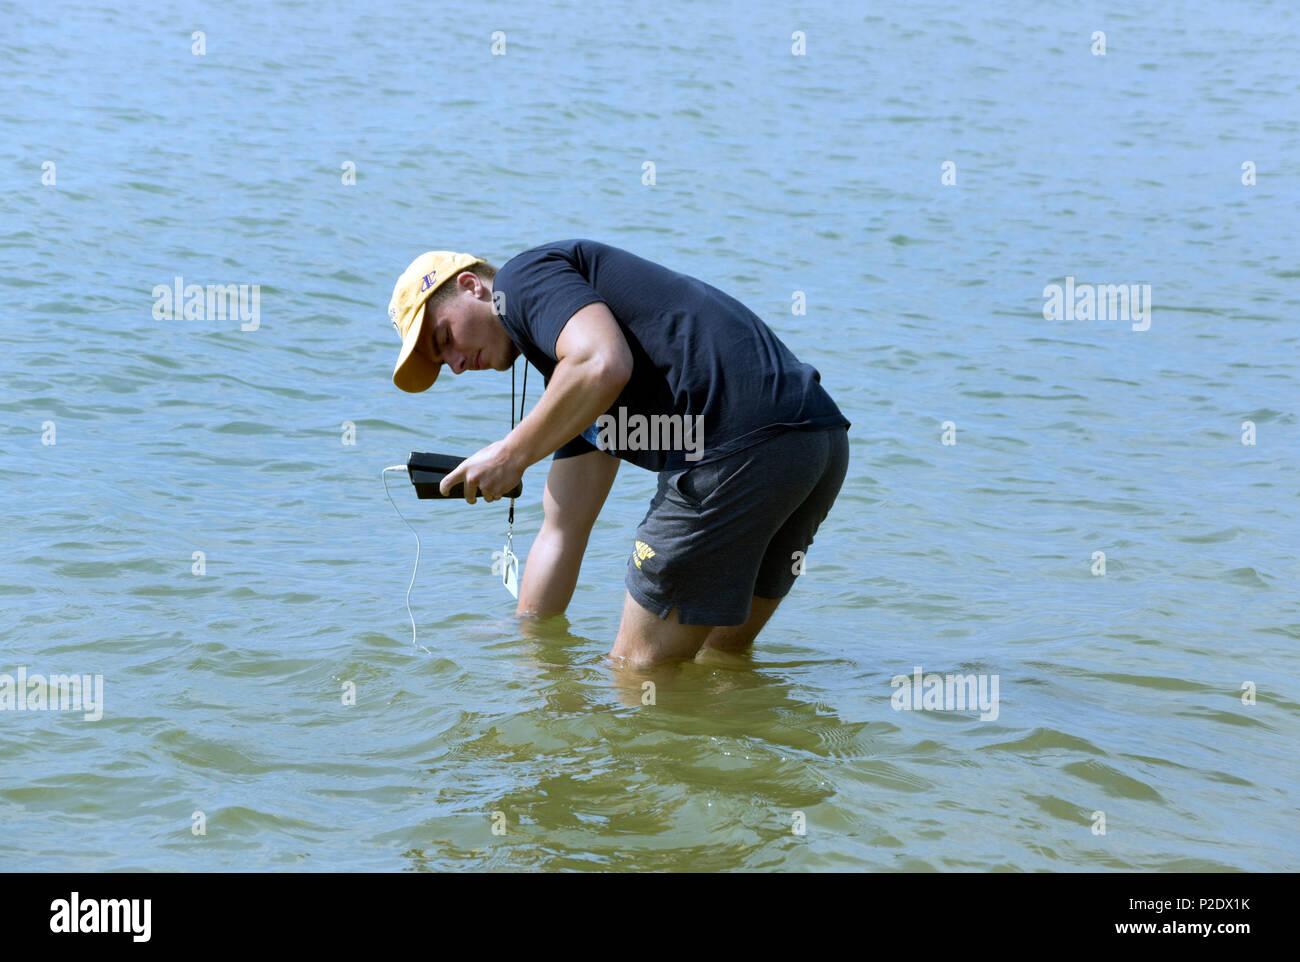 Hombre, verificar la temperatura del agua, la calidad del Lago Michigan playa para el Departamento de Recursos Naturales de Wisconsin, las agencias sanitarias locales Dos Ríos, WI Imagen De Stock